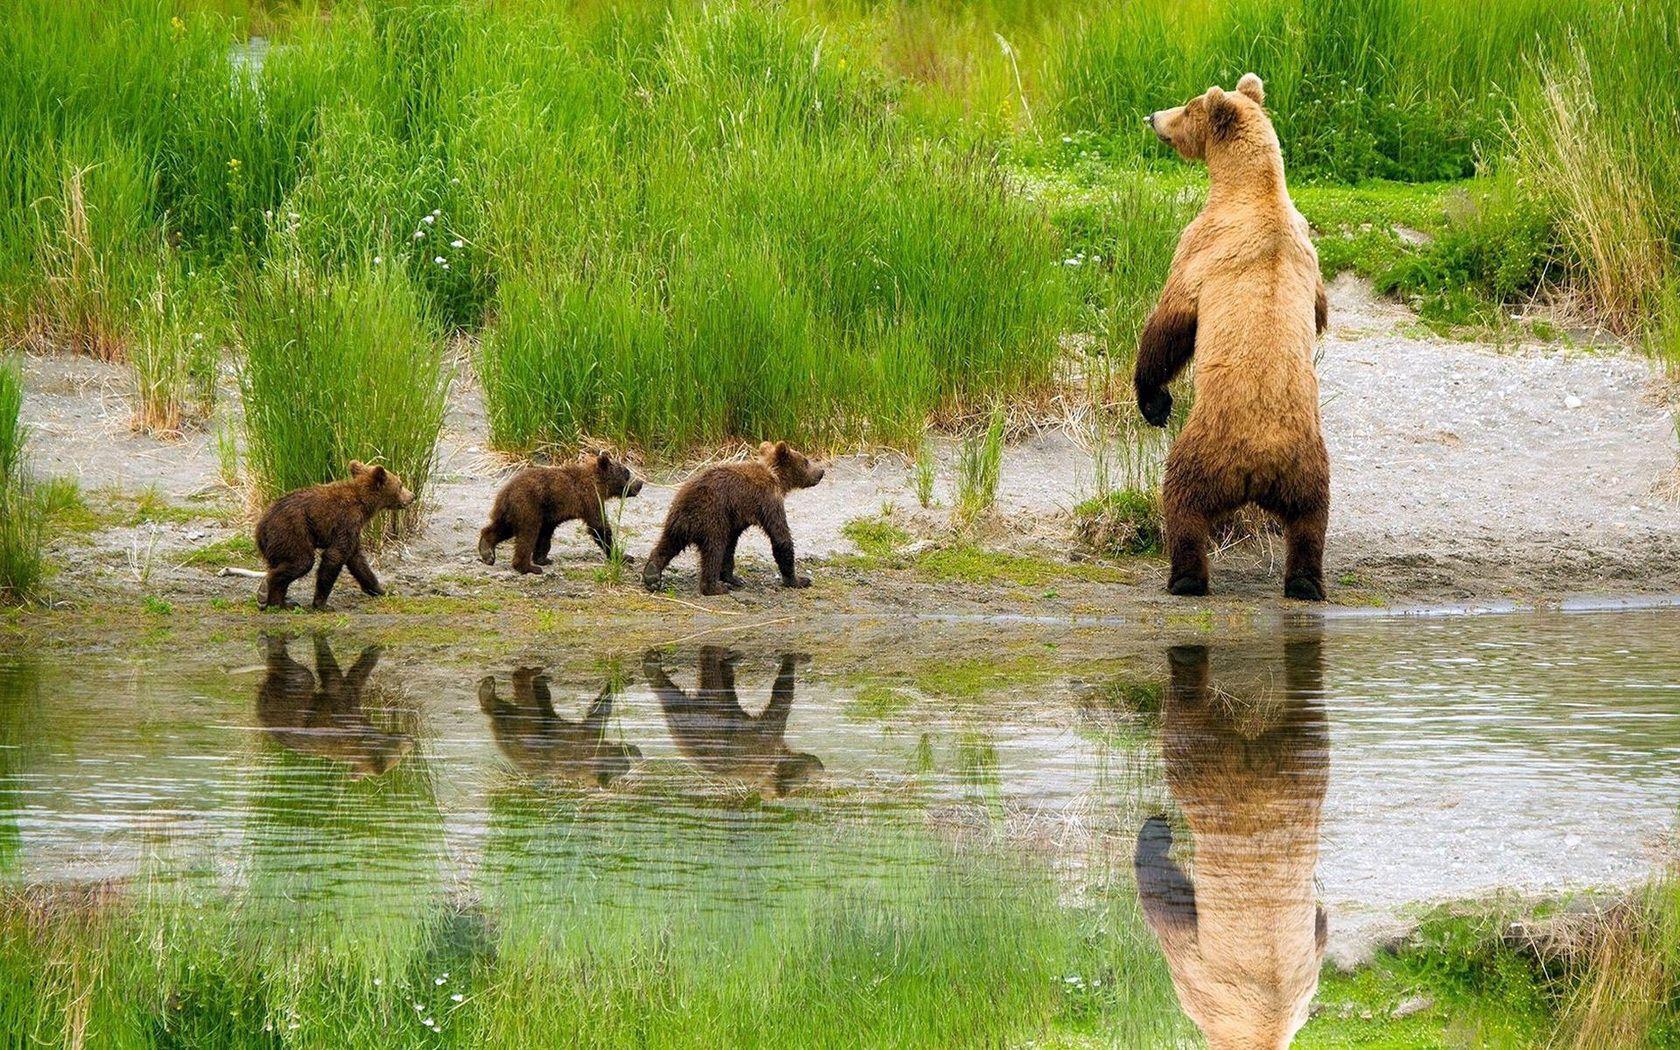 59307 Заставки и Обои Медведи на телефон. Скачать Животные, Трава, Медведи, Озеро, Семья, Забота, Охота, Детеныши картинки бесплатно